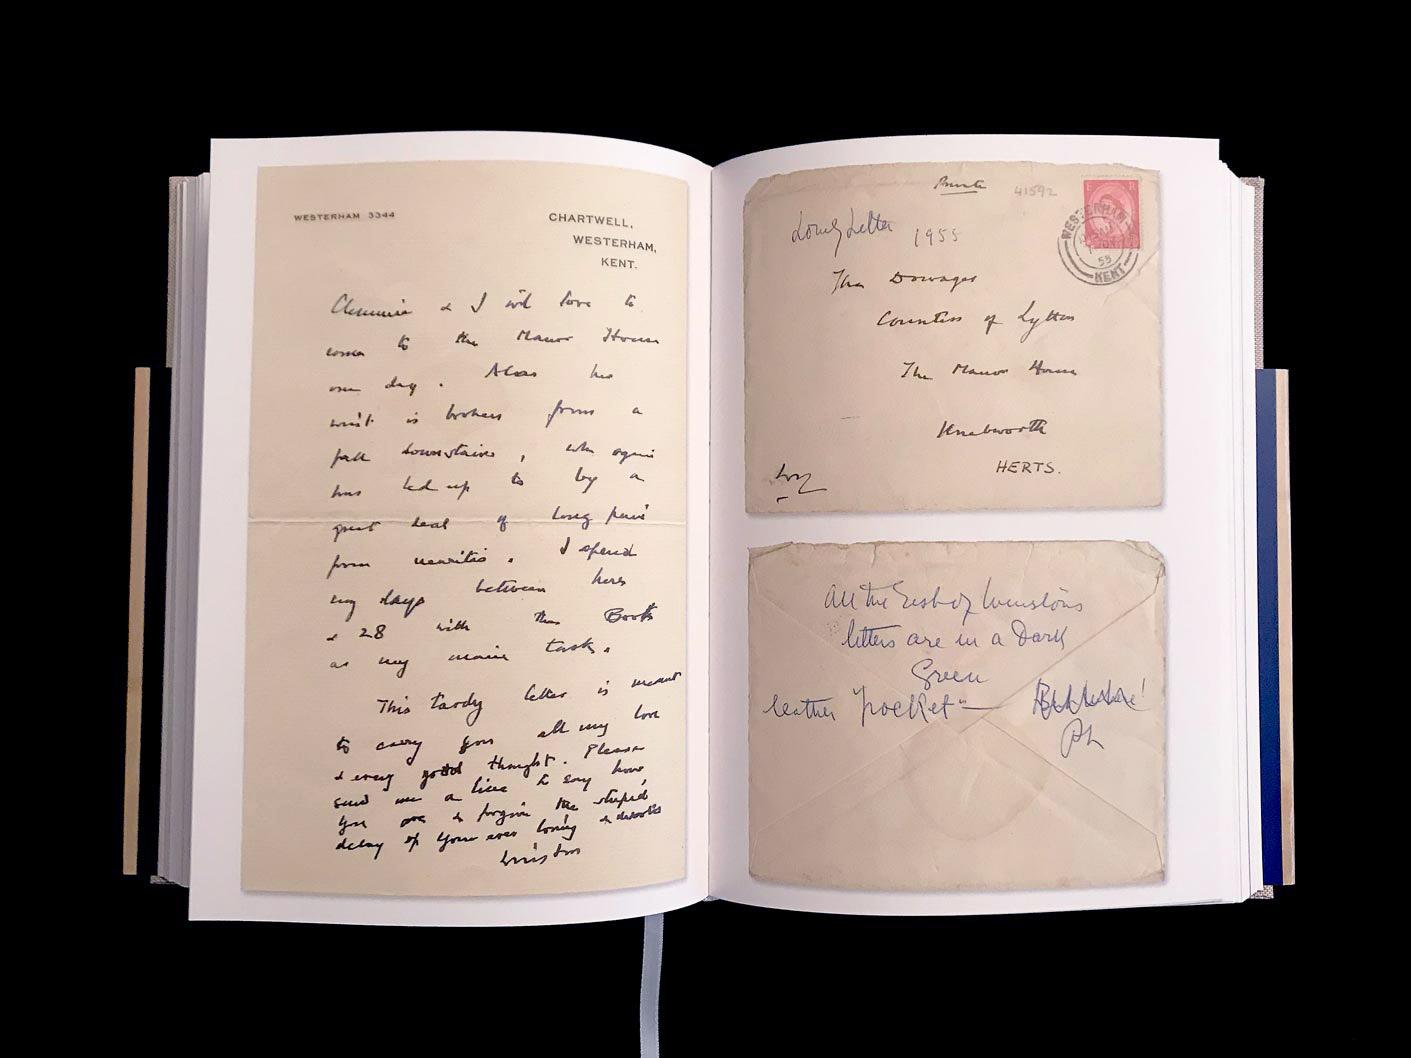 Sir Winston Churchill, lettre autographe signée à Pamela, Lady Lytton, 30 juin 1955. © Passéisme.